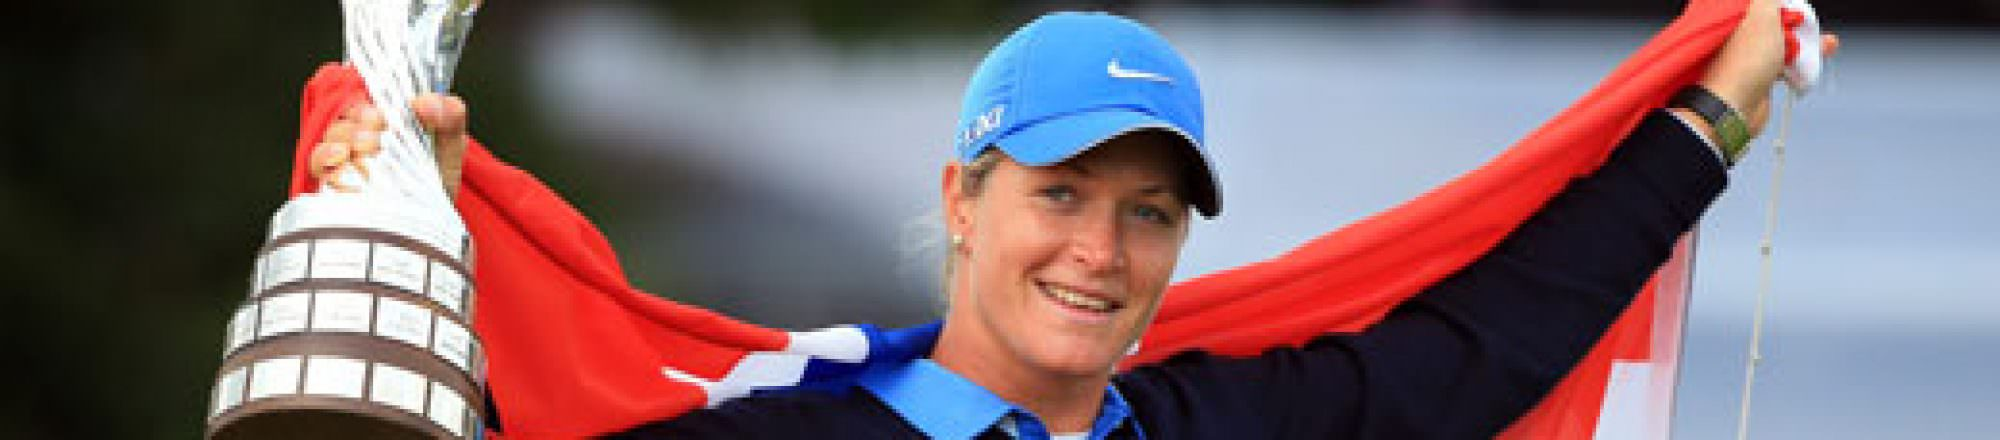 Meet the Girls: Norwegian golf superstar Suzann Pettersen